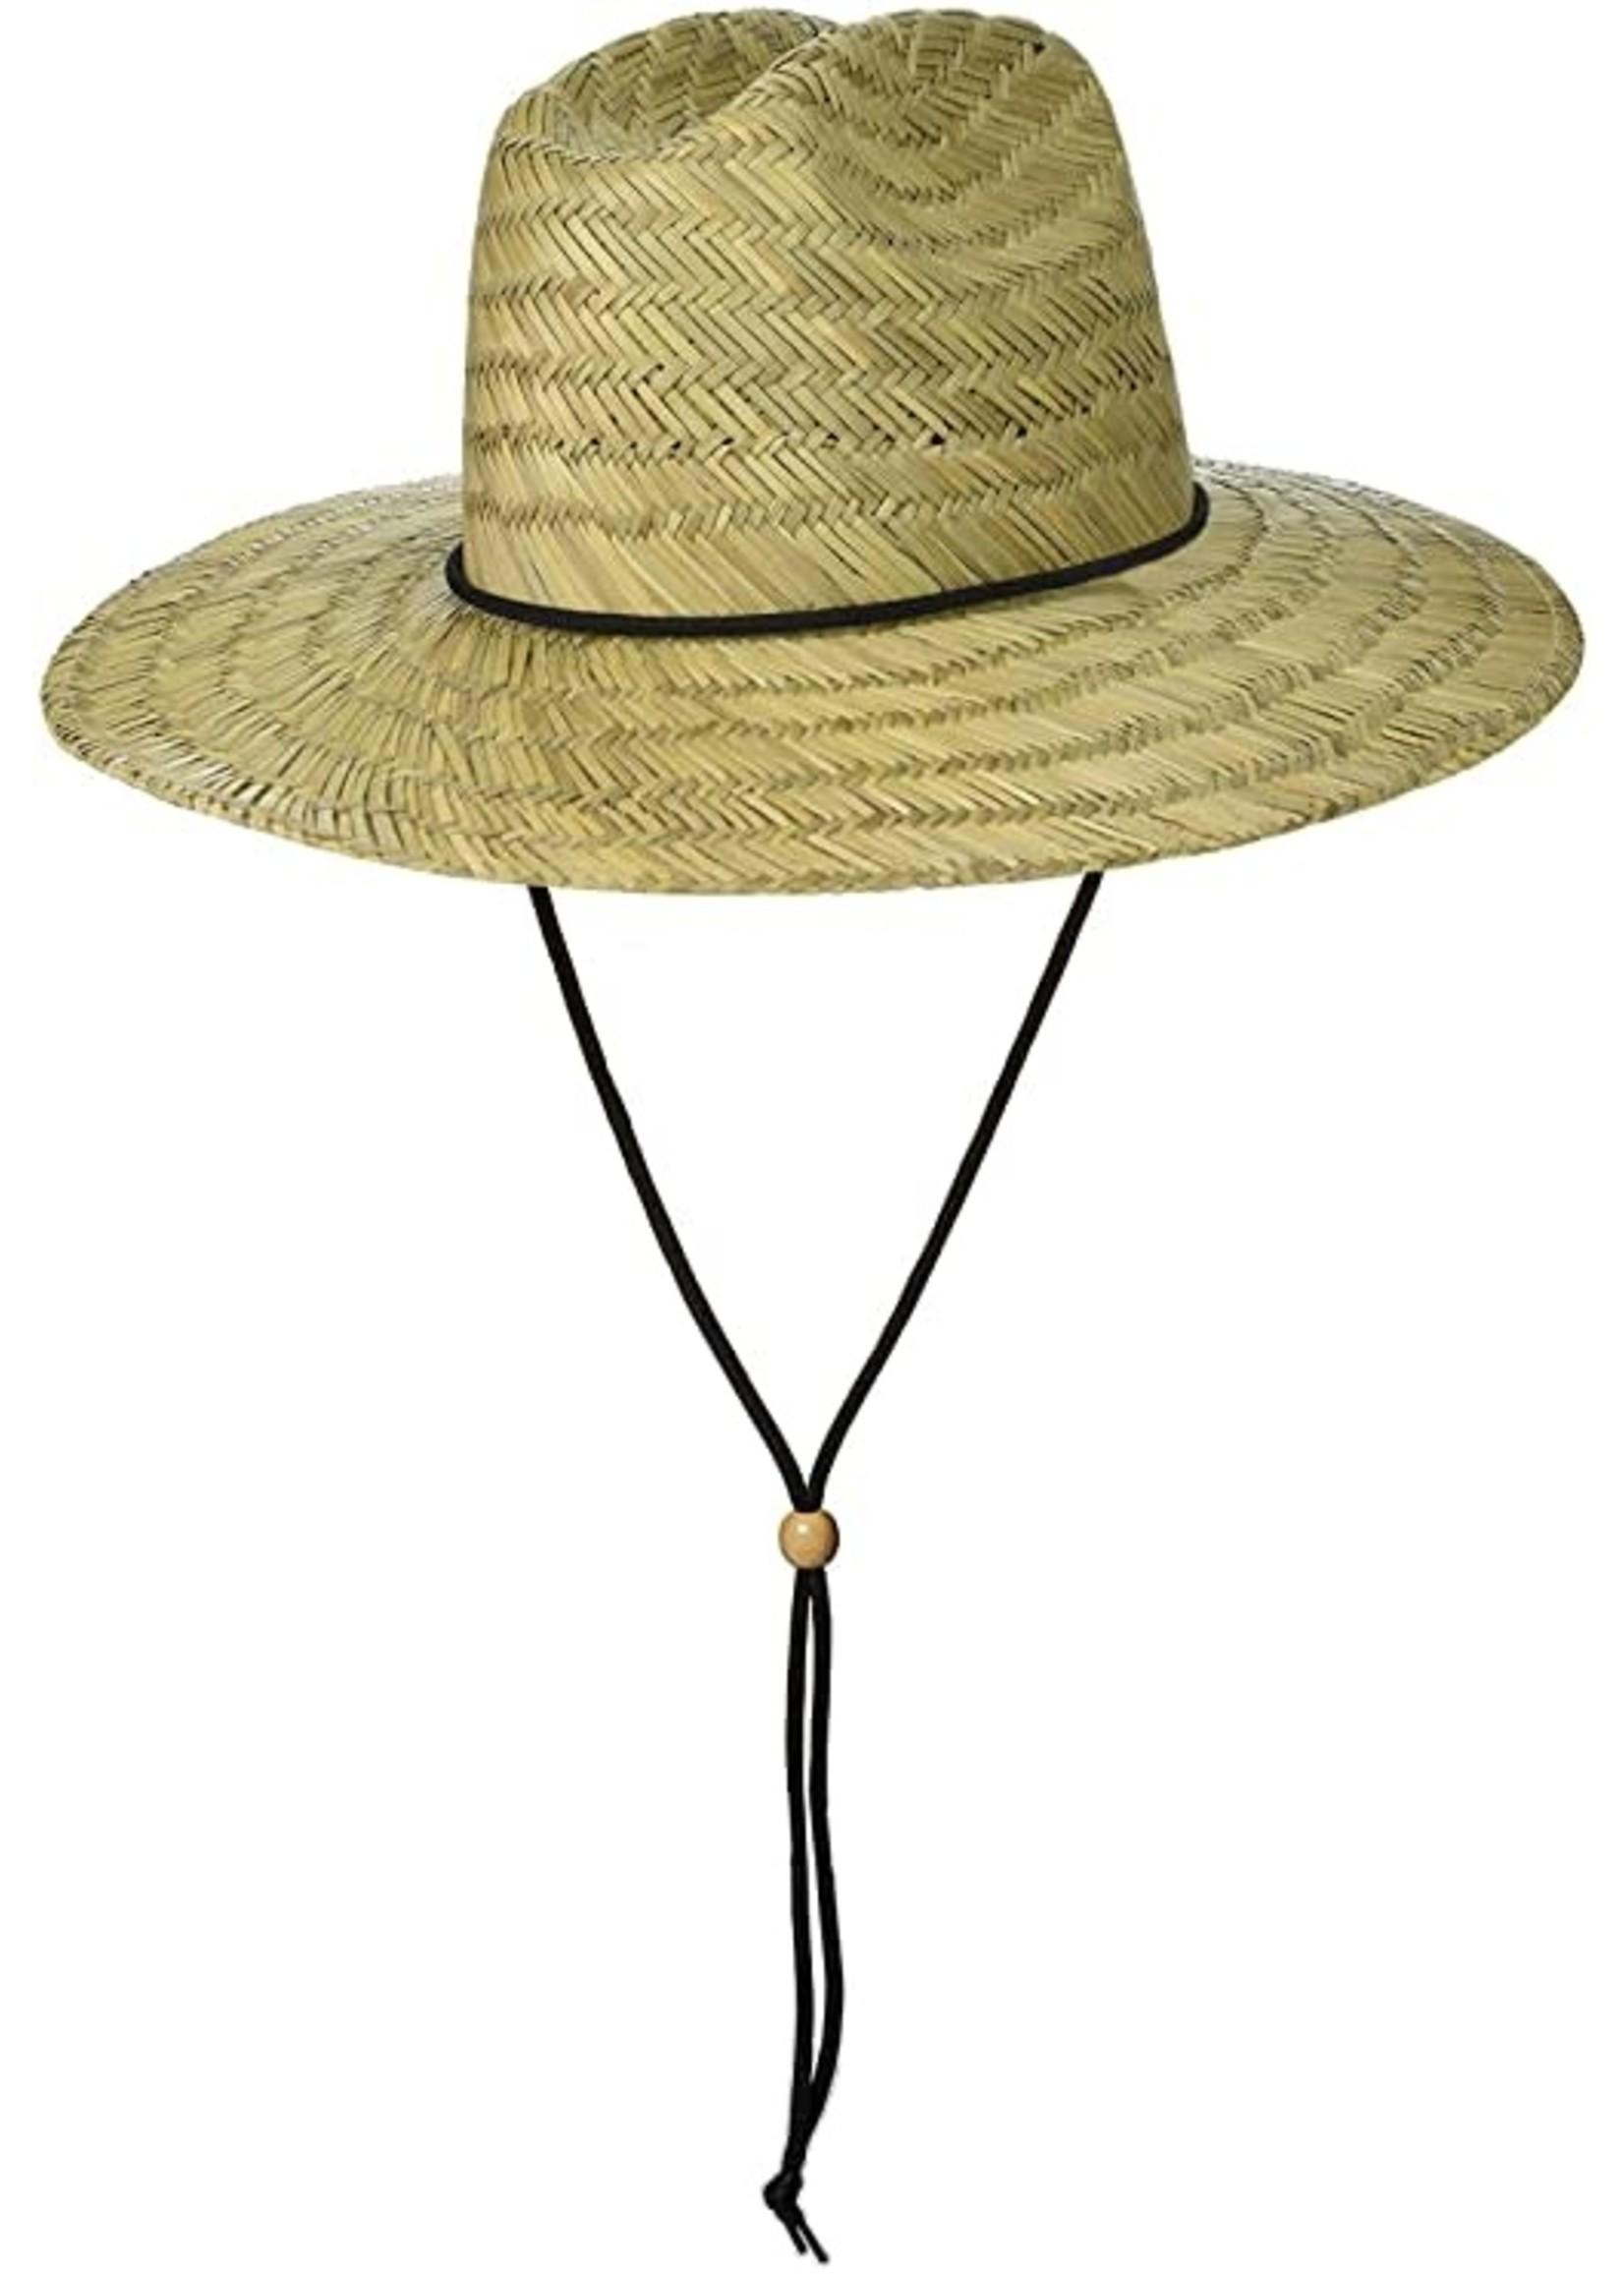 Brooklyn Brooklyn Straw hat